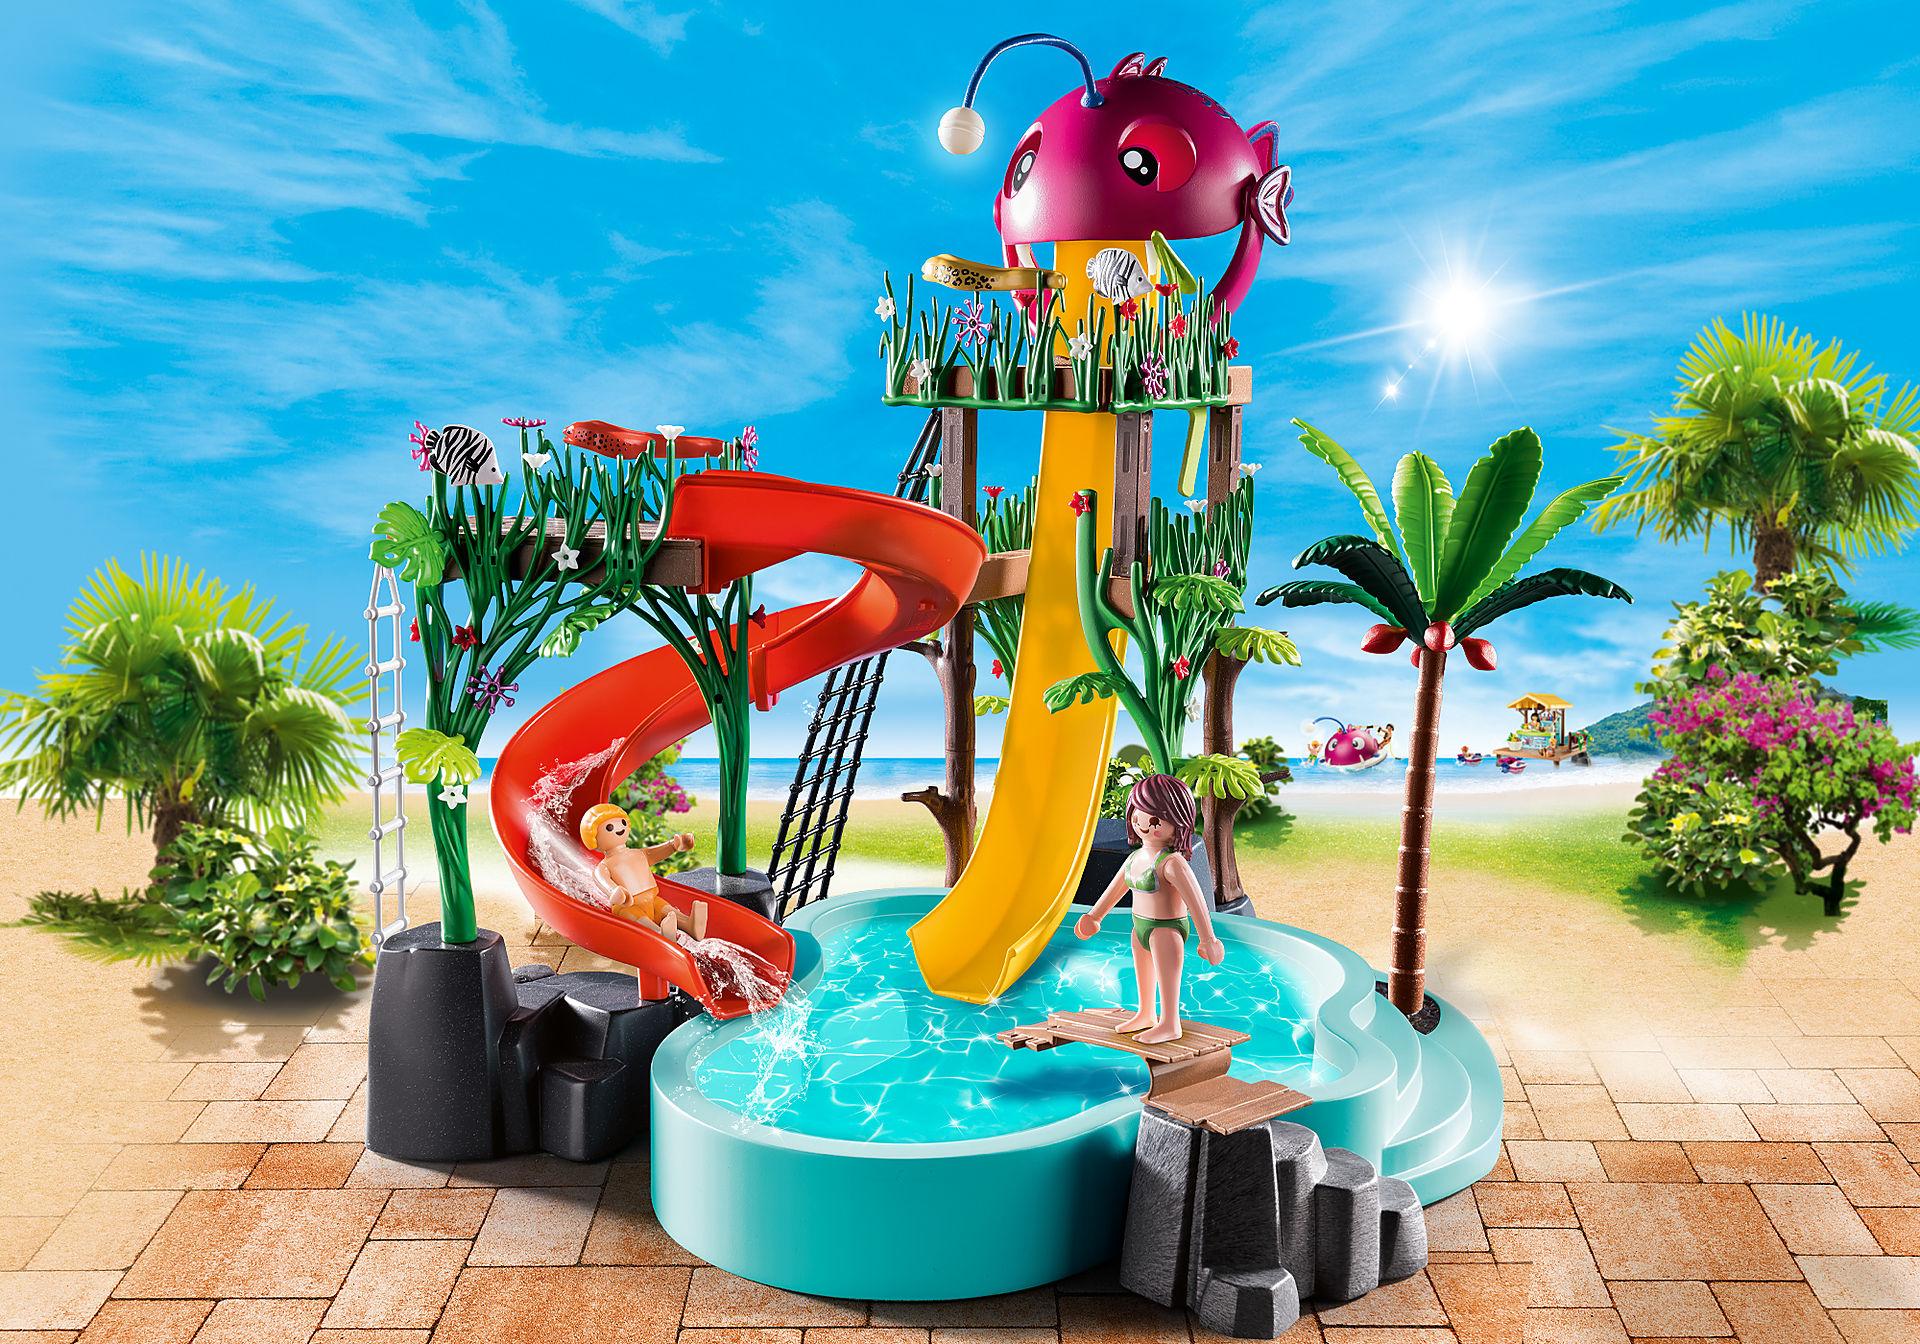 70609 Parco acquatico con scivoli zoom image1